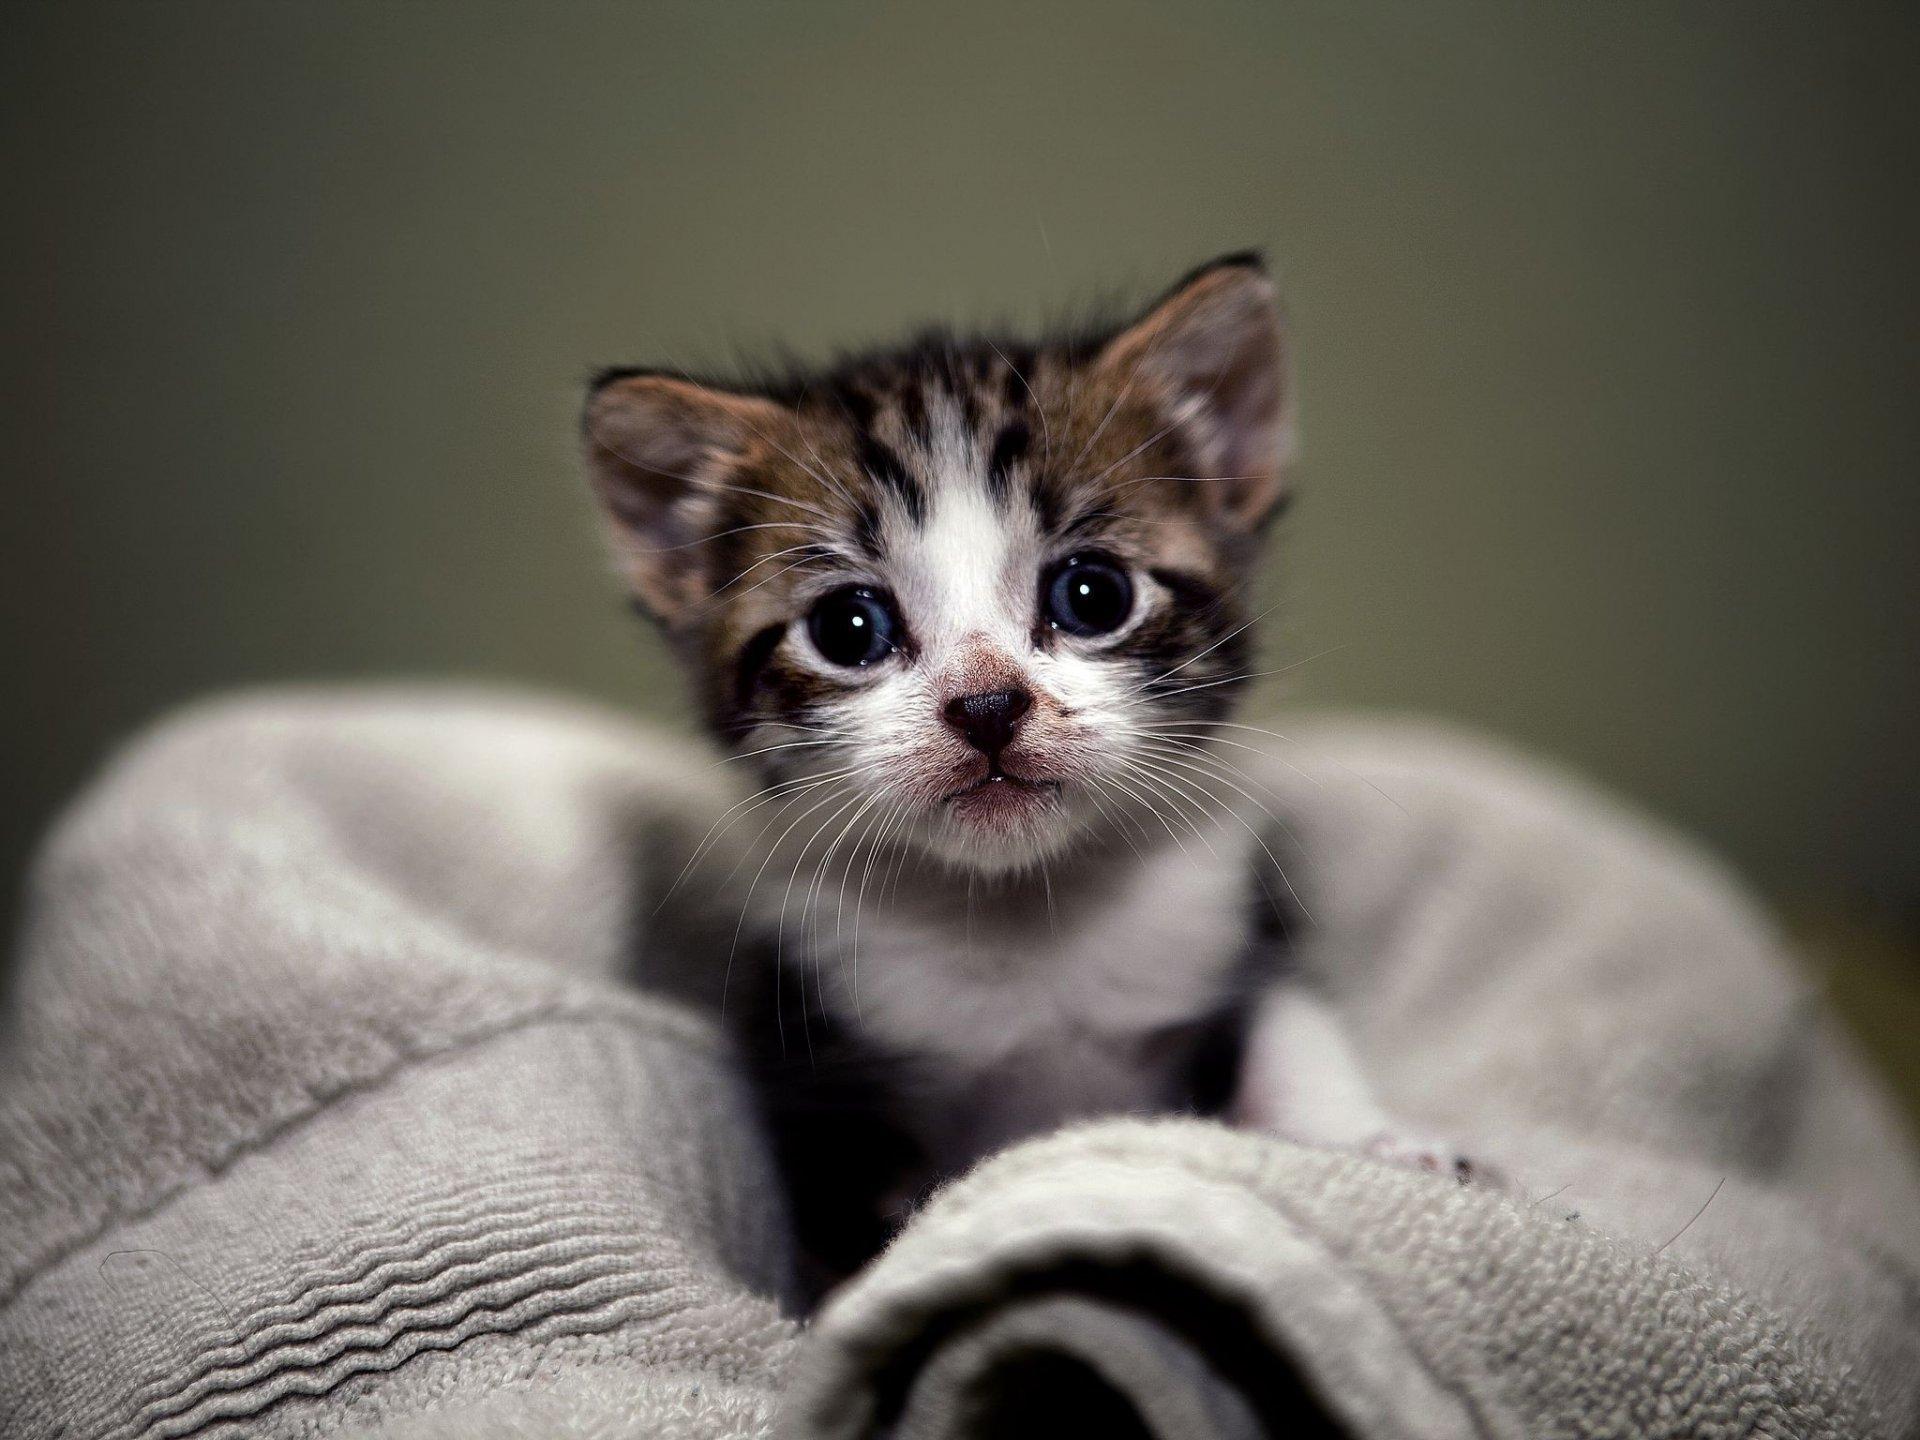 Открытка днем, прикольные картинки маленьких котят